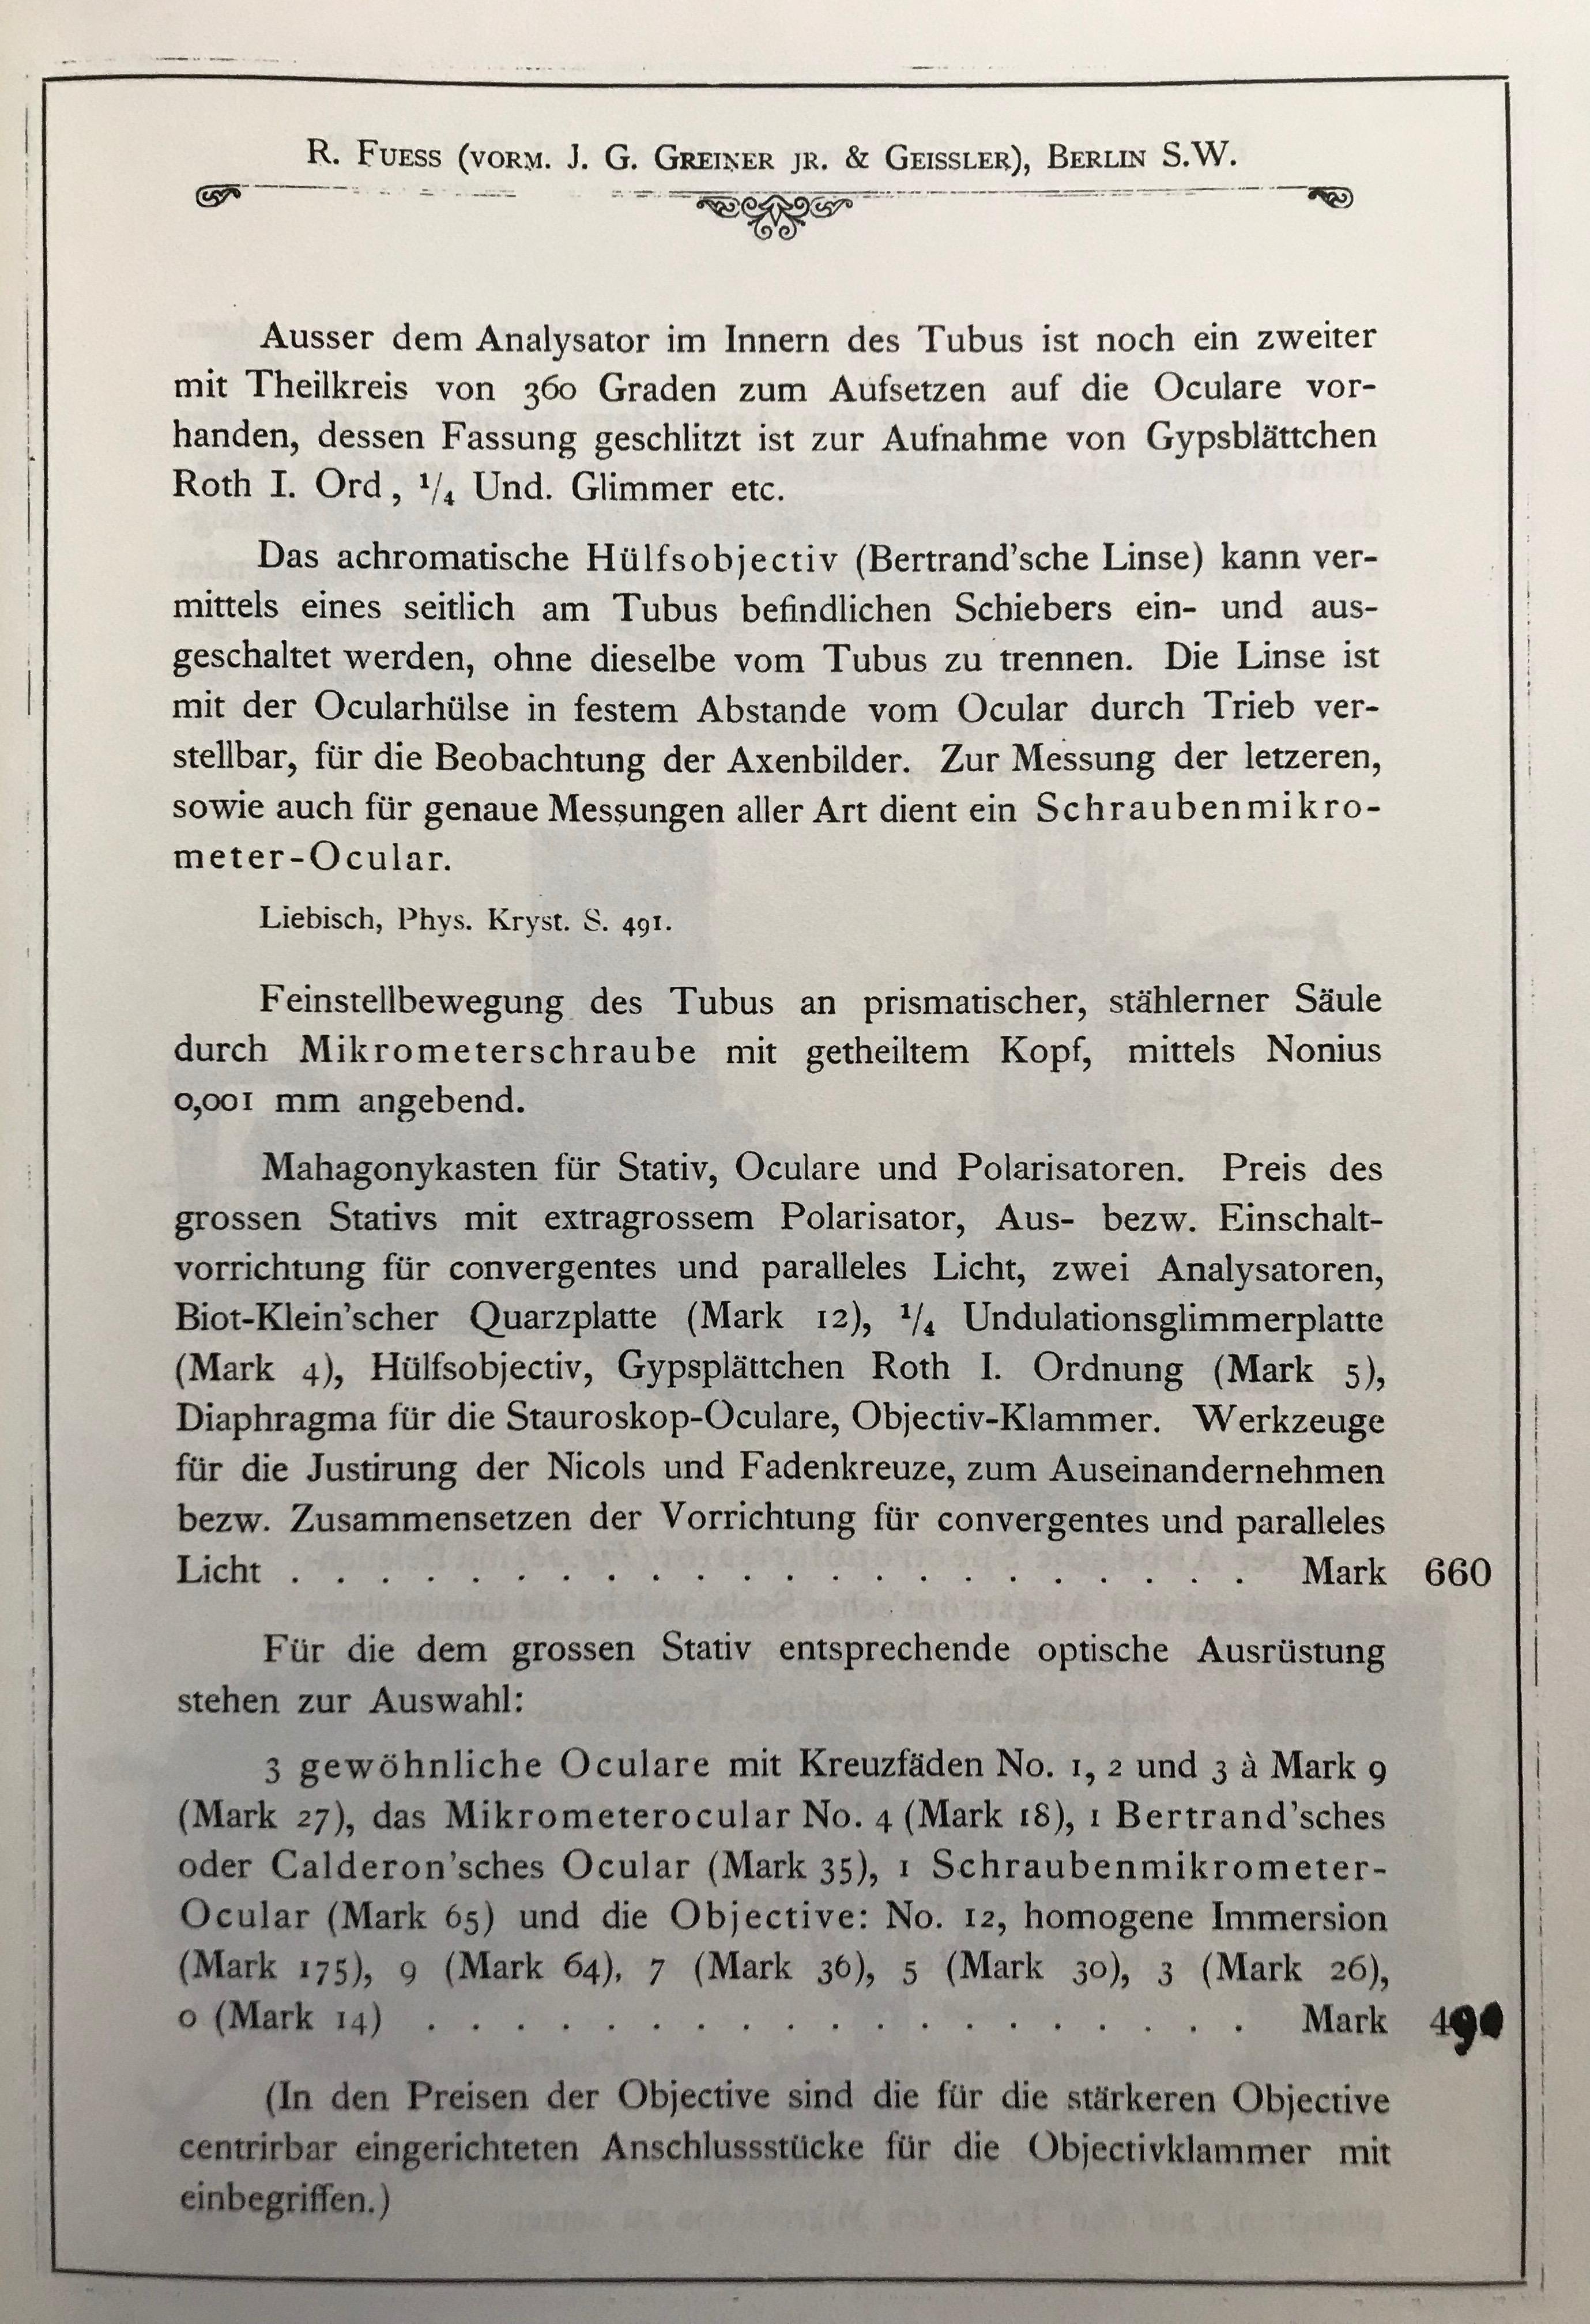 Fuess 1890 catalogue_004.jpeg